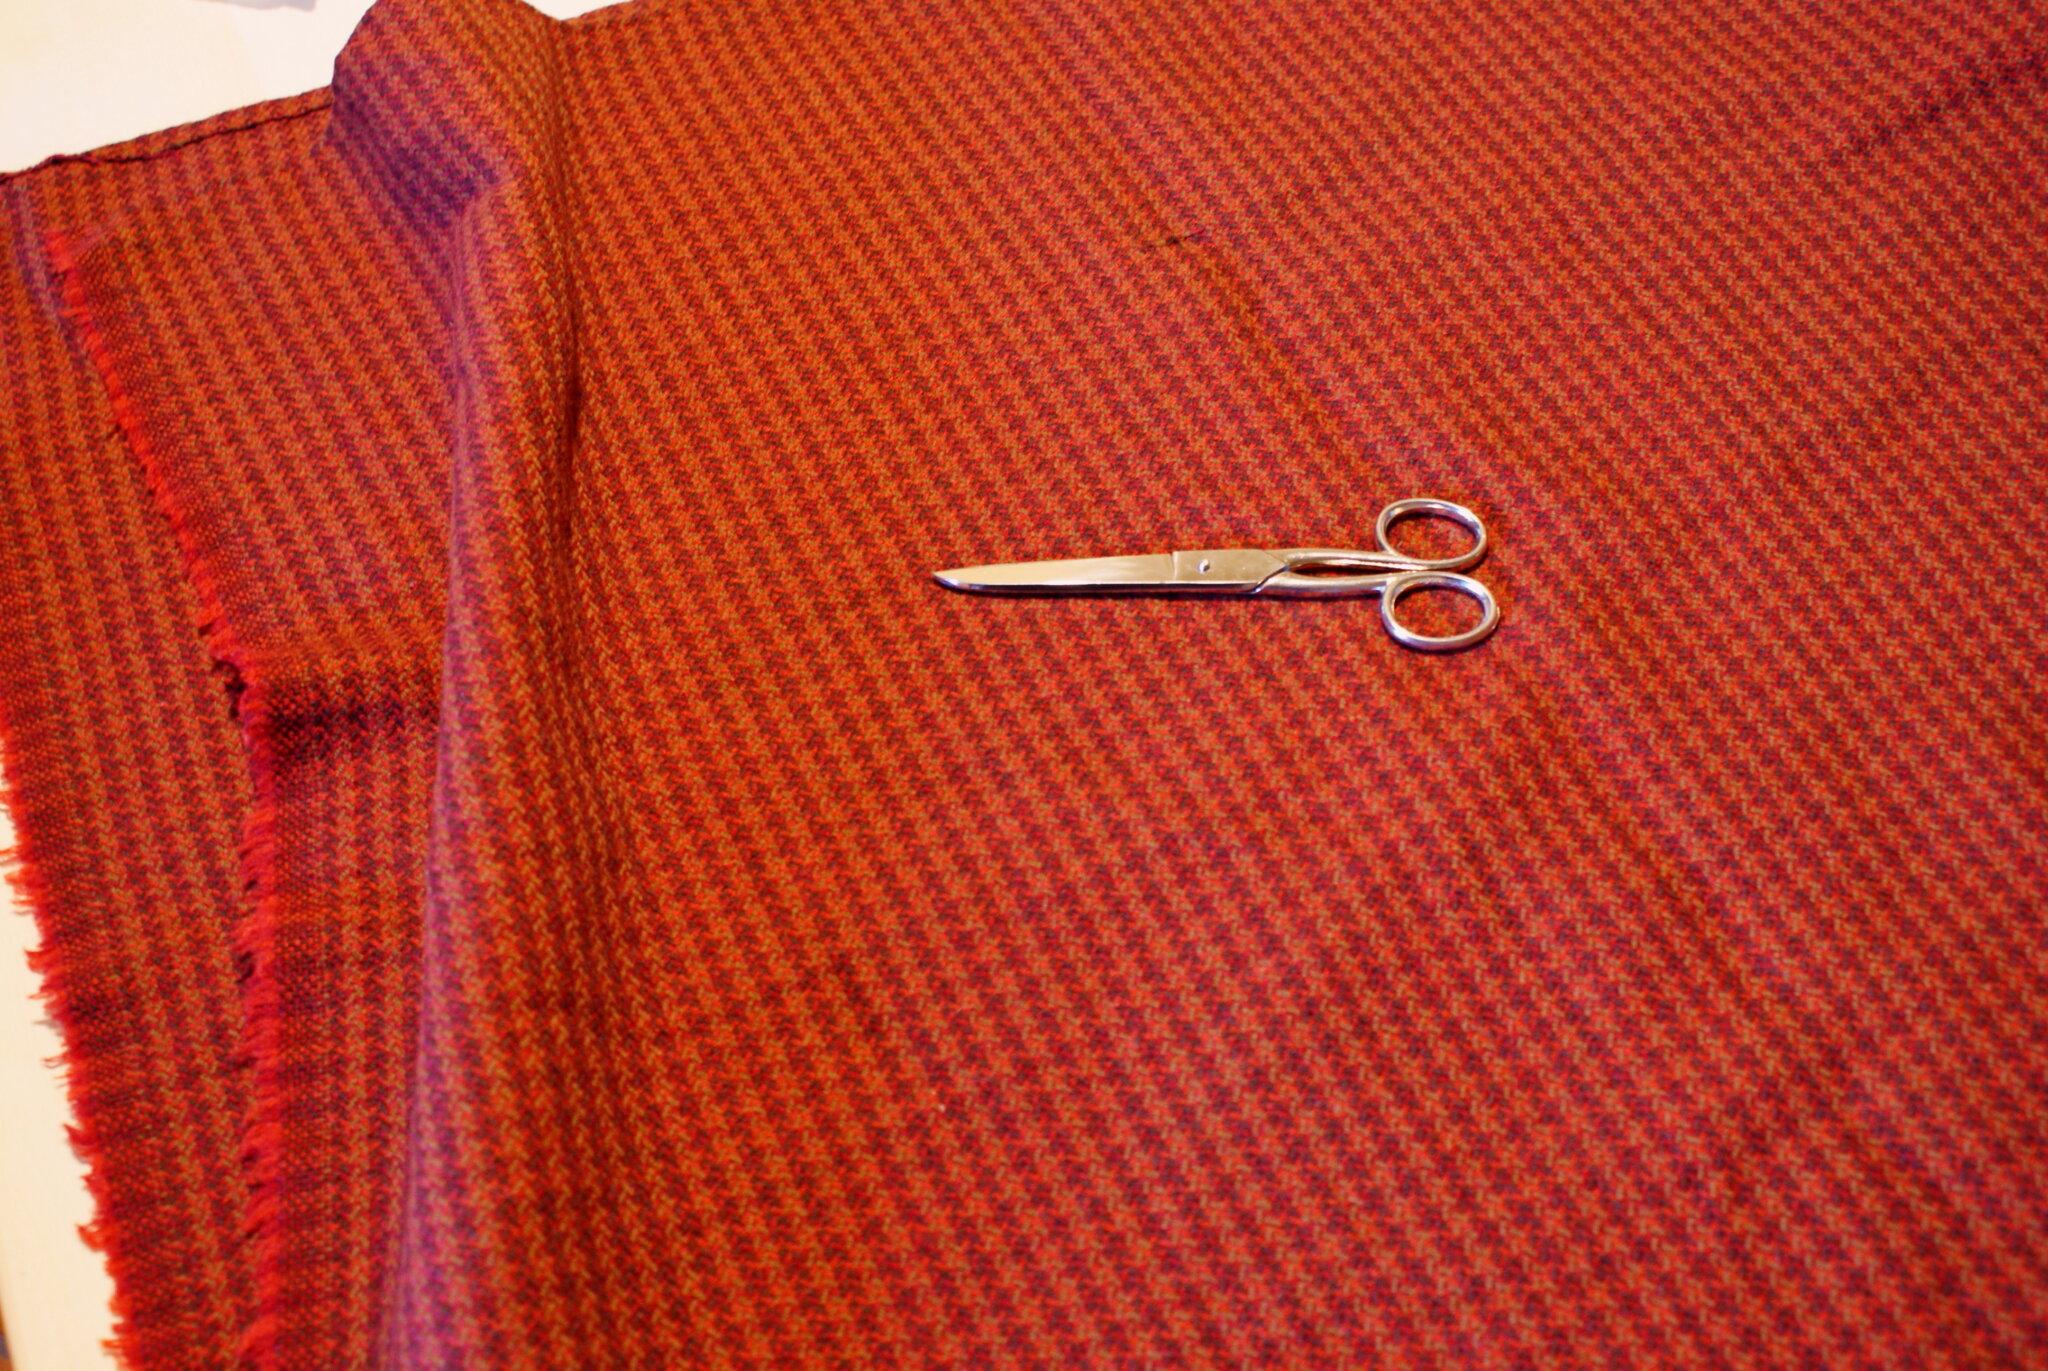 tartan tweed wool diy creaft sewing project